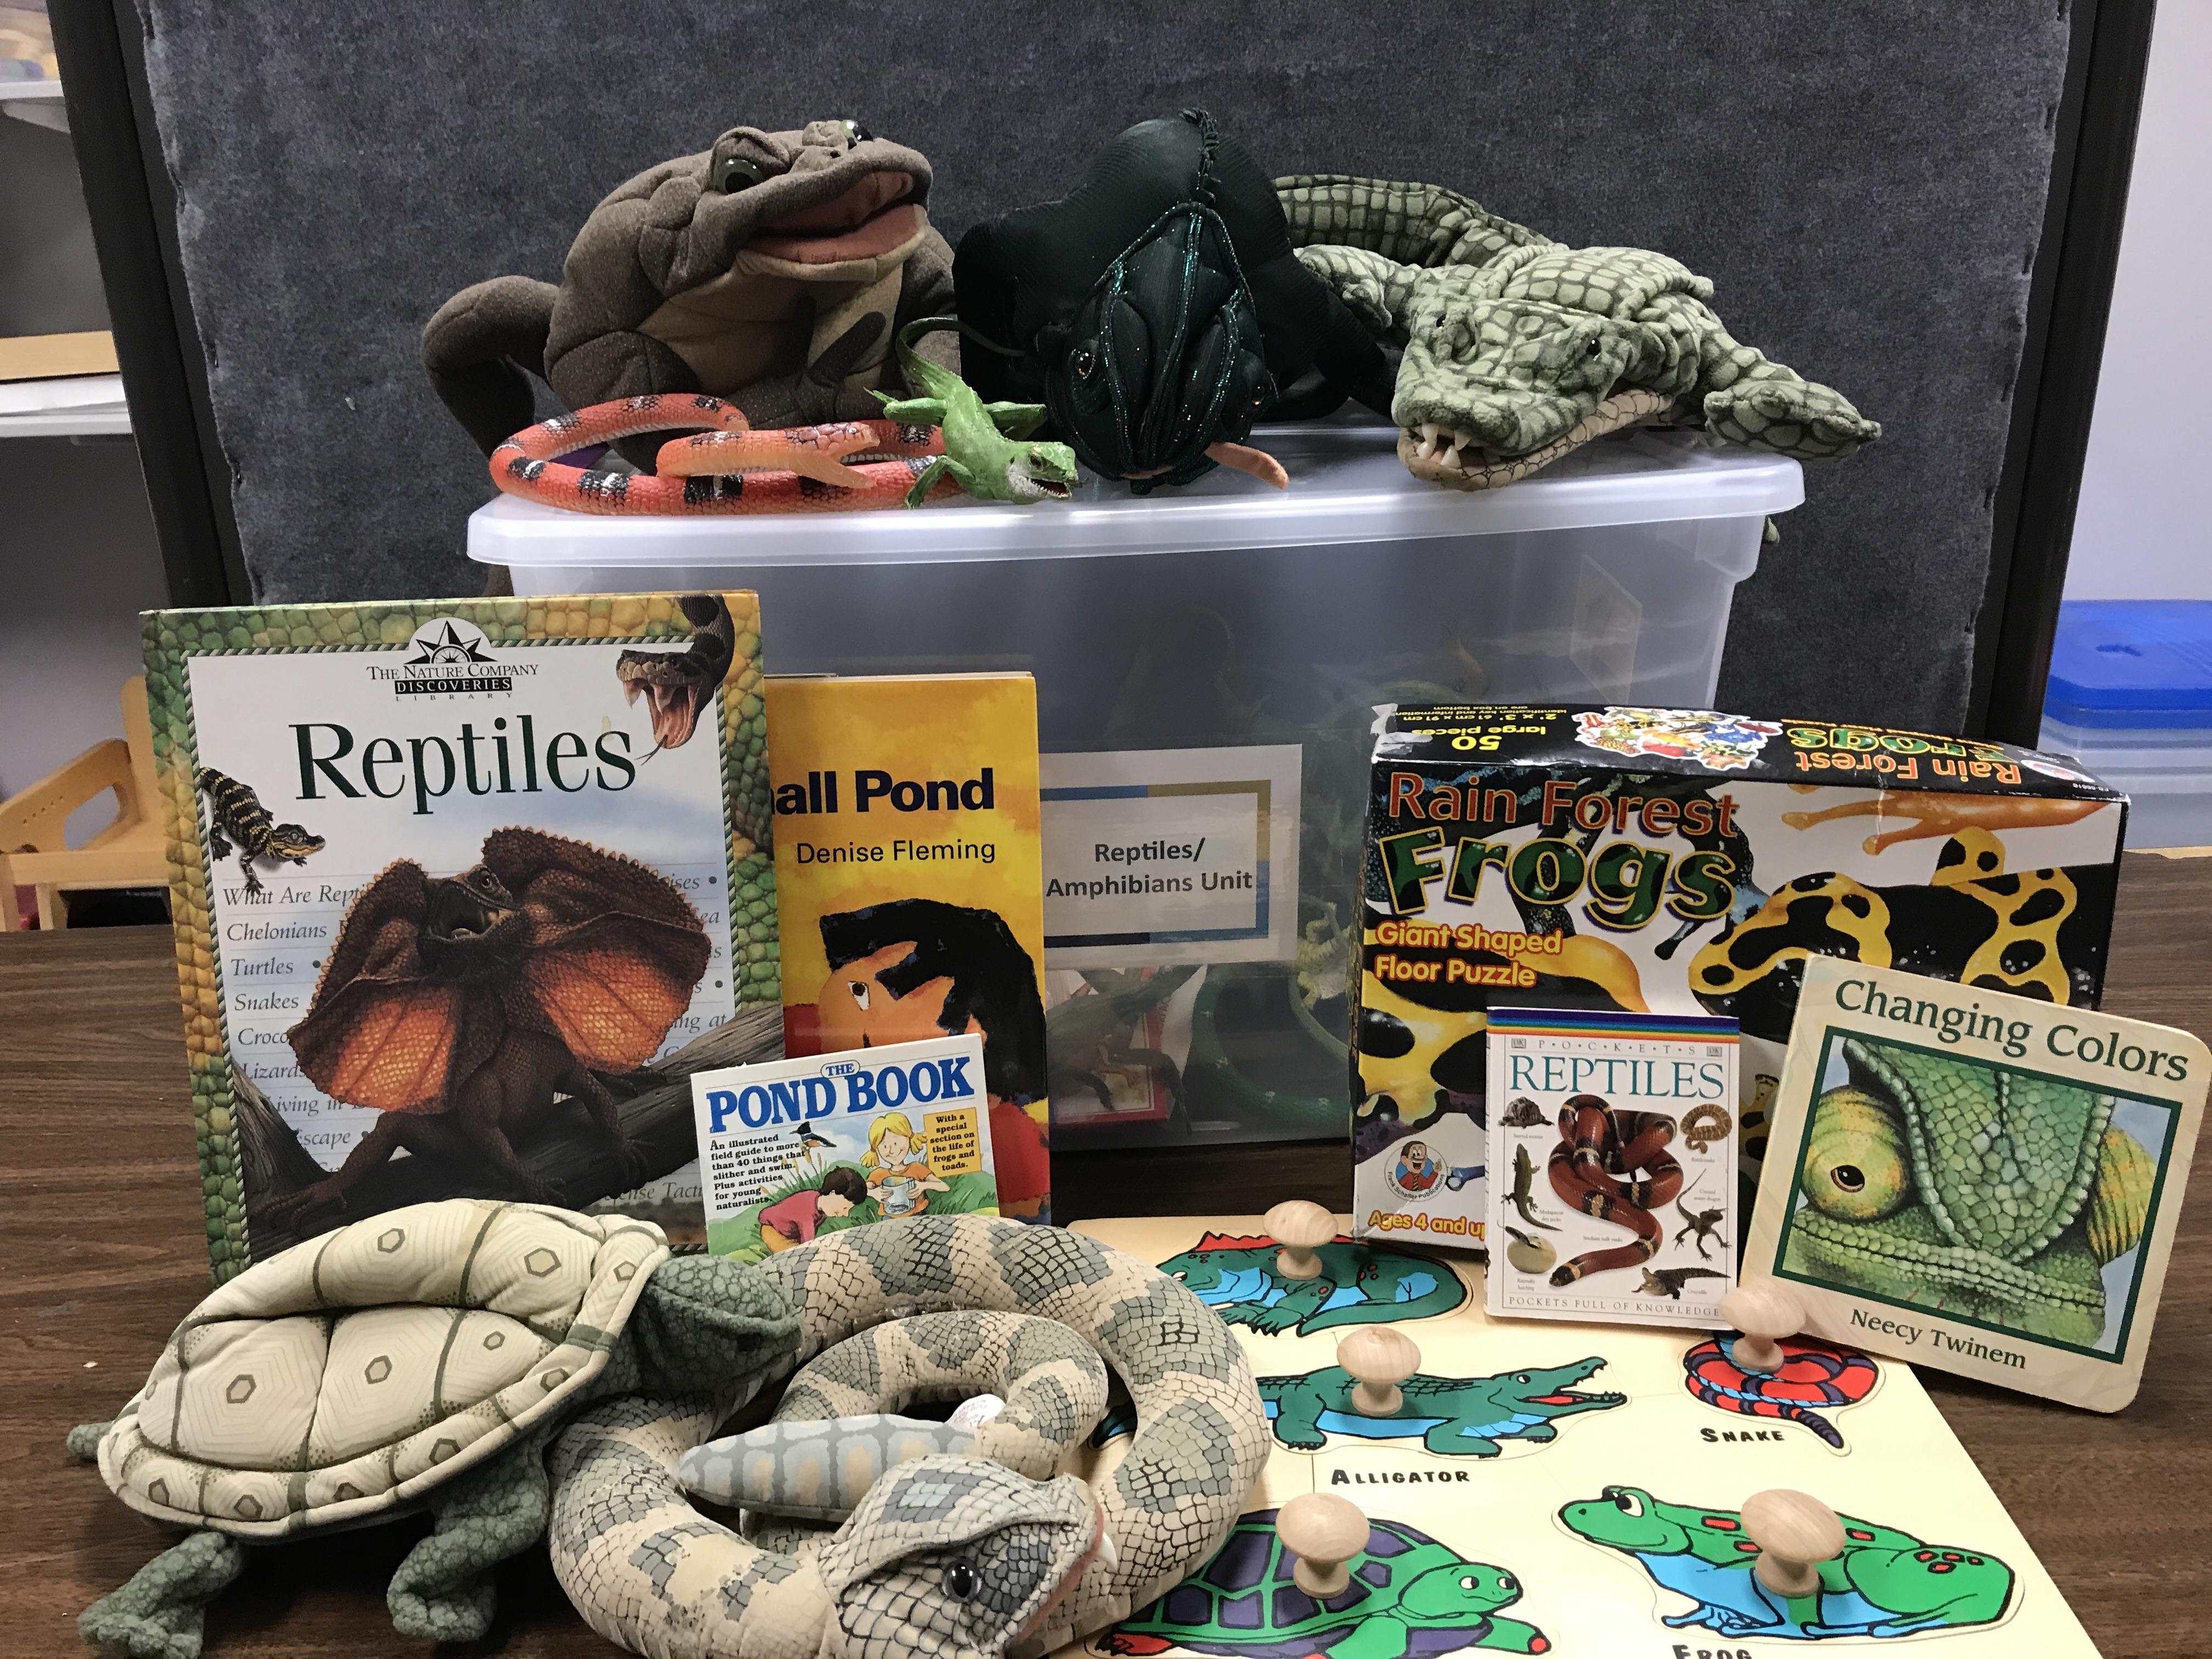 Reptiles/Amphibians Unit